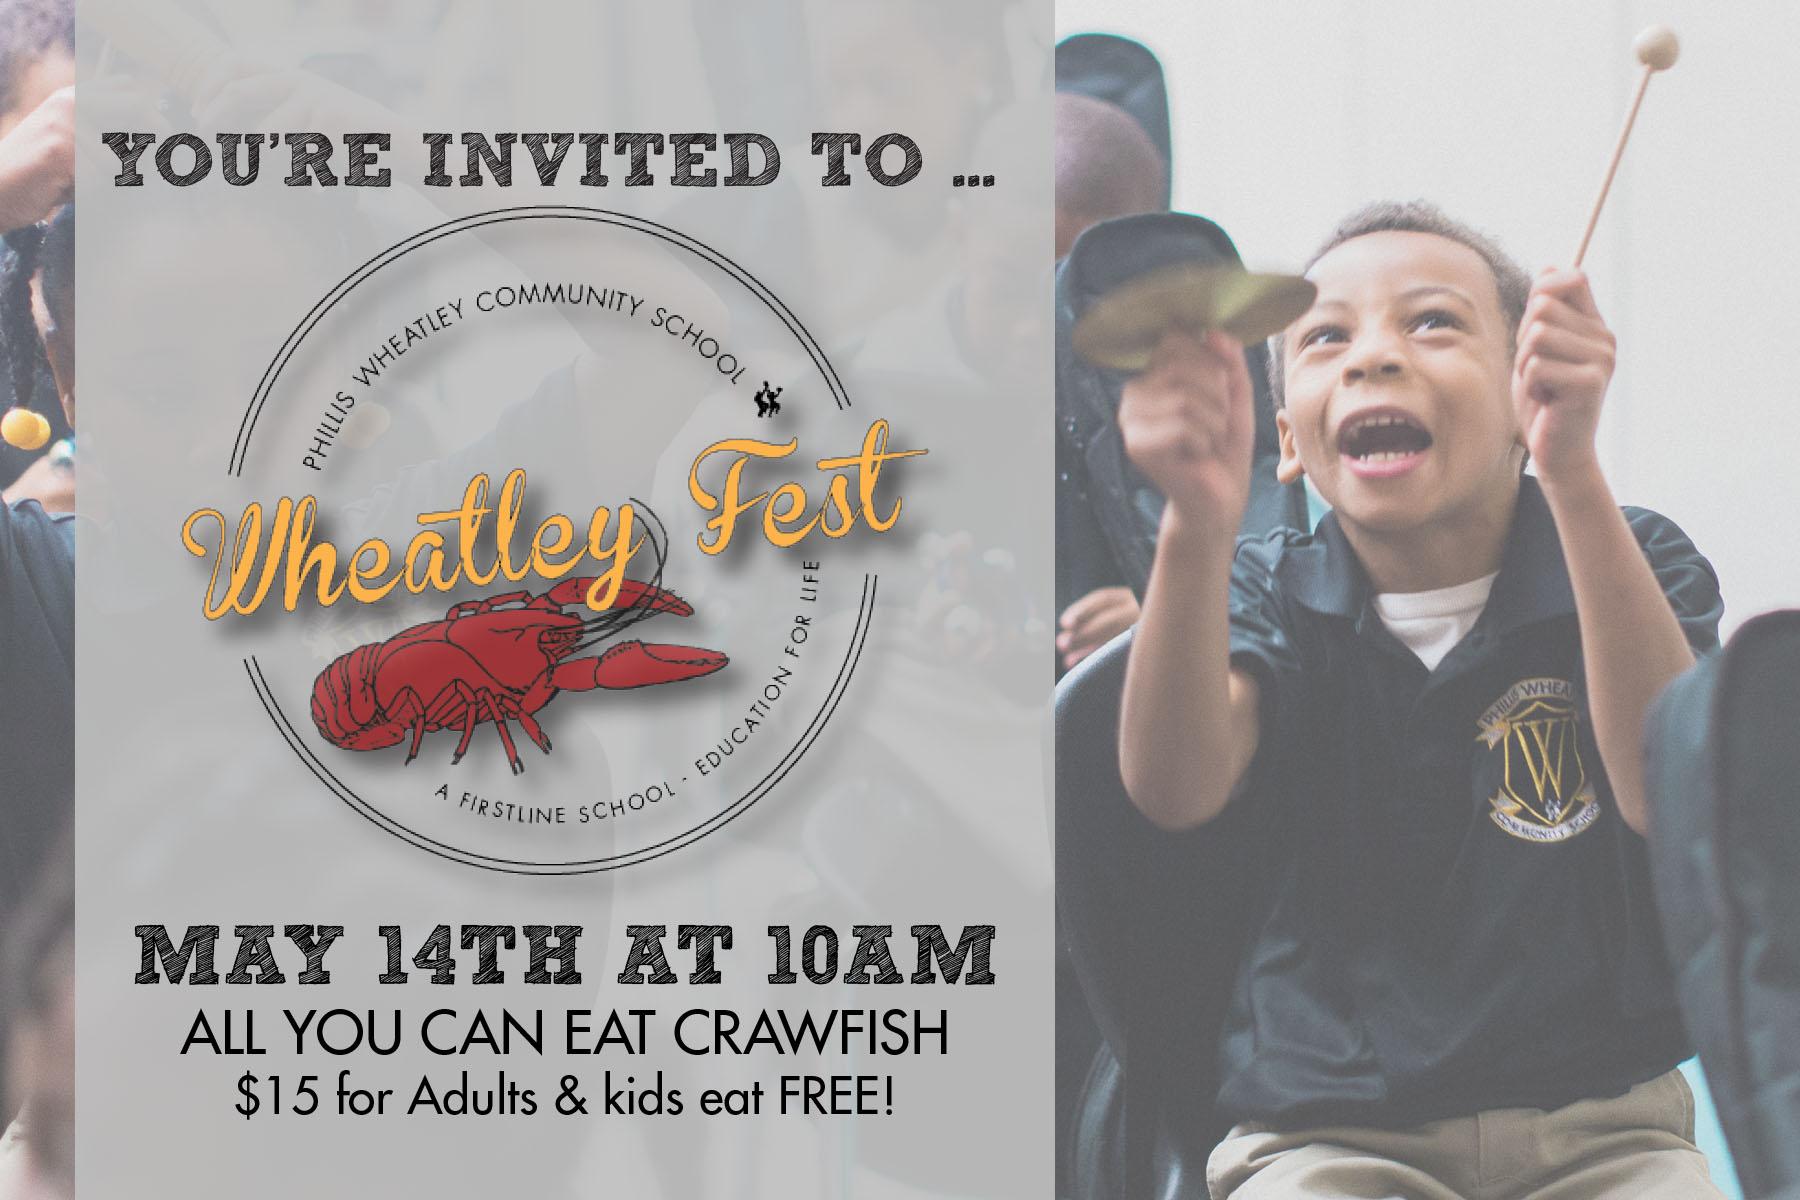 Wheatley Fest Invite 160503